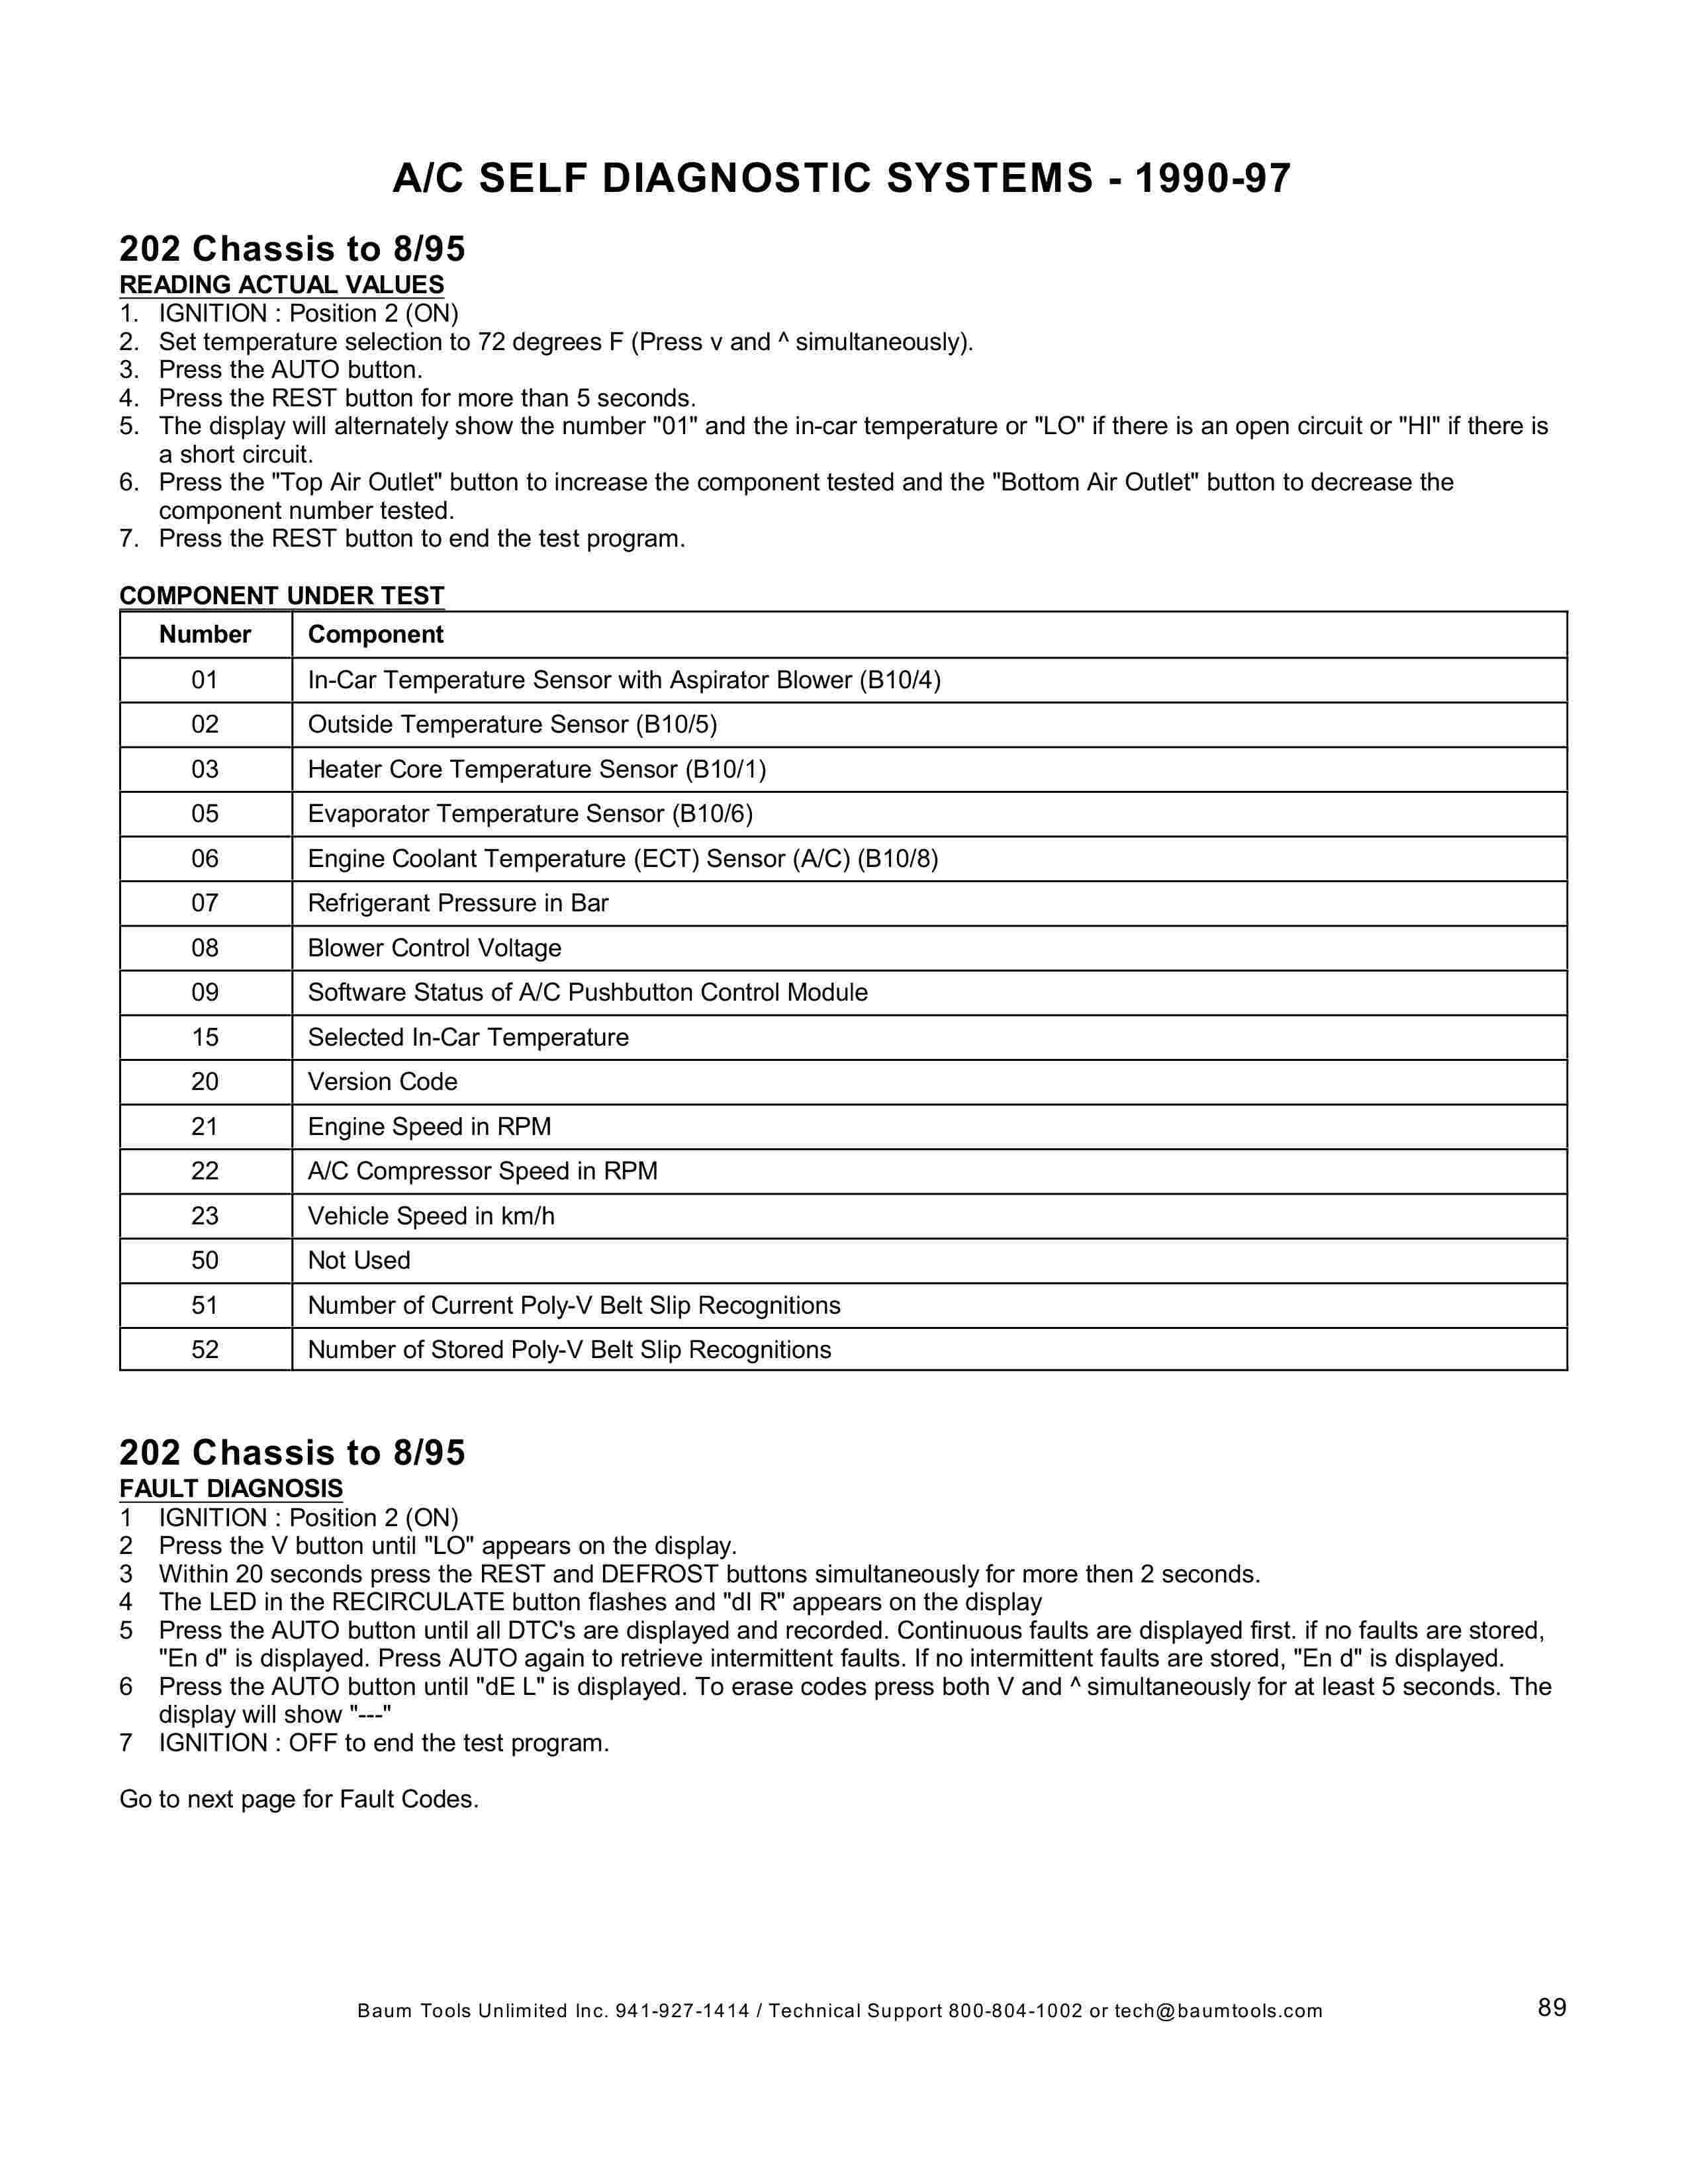 (AJUDA GERAL): Manual de códigos das falhas - analógico e digital - 1988 a 2000 008912